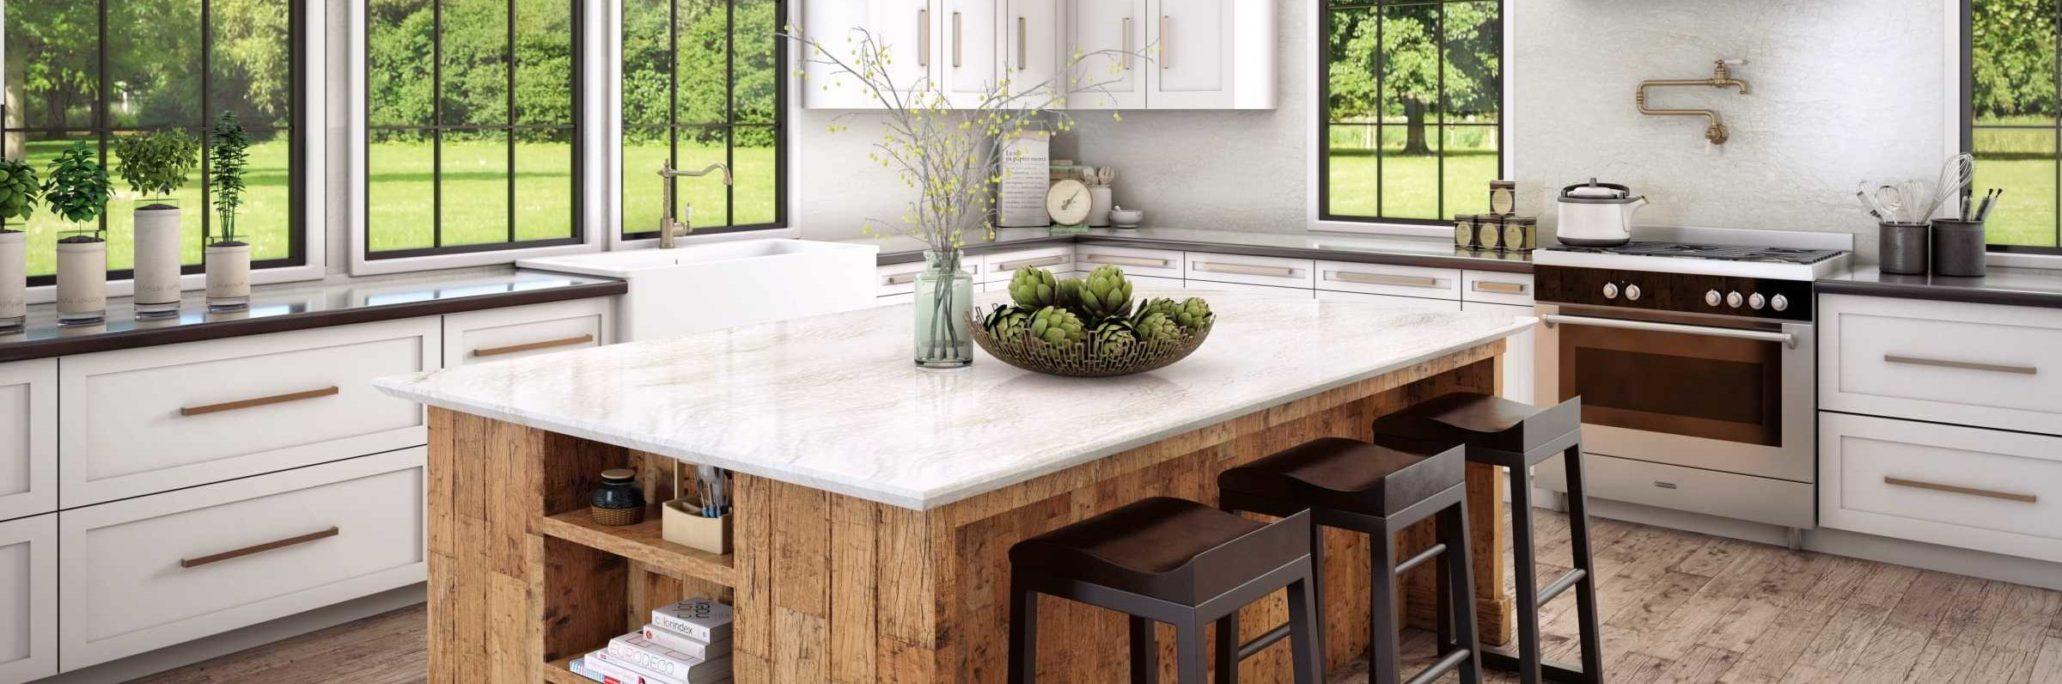 quartz countertops 1842 Gunn Hwy Odessa FL United States e1581458633944   Countertops